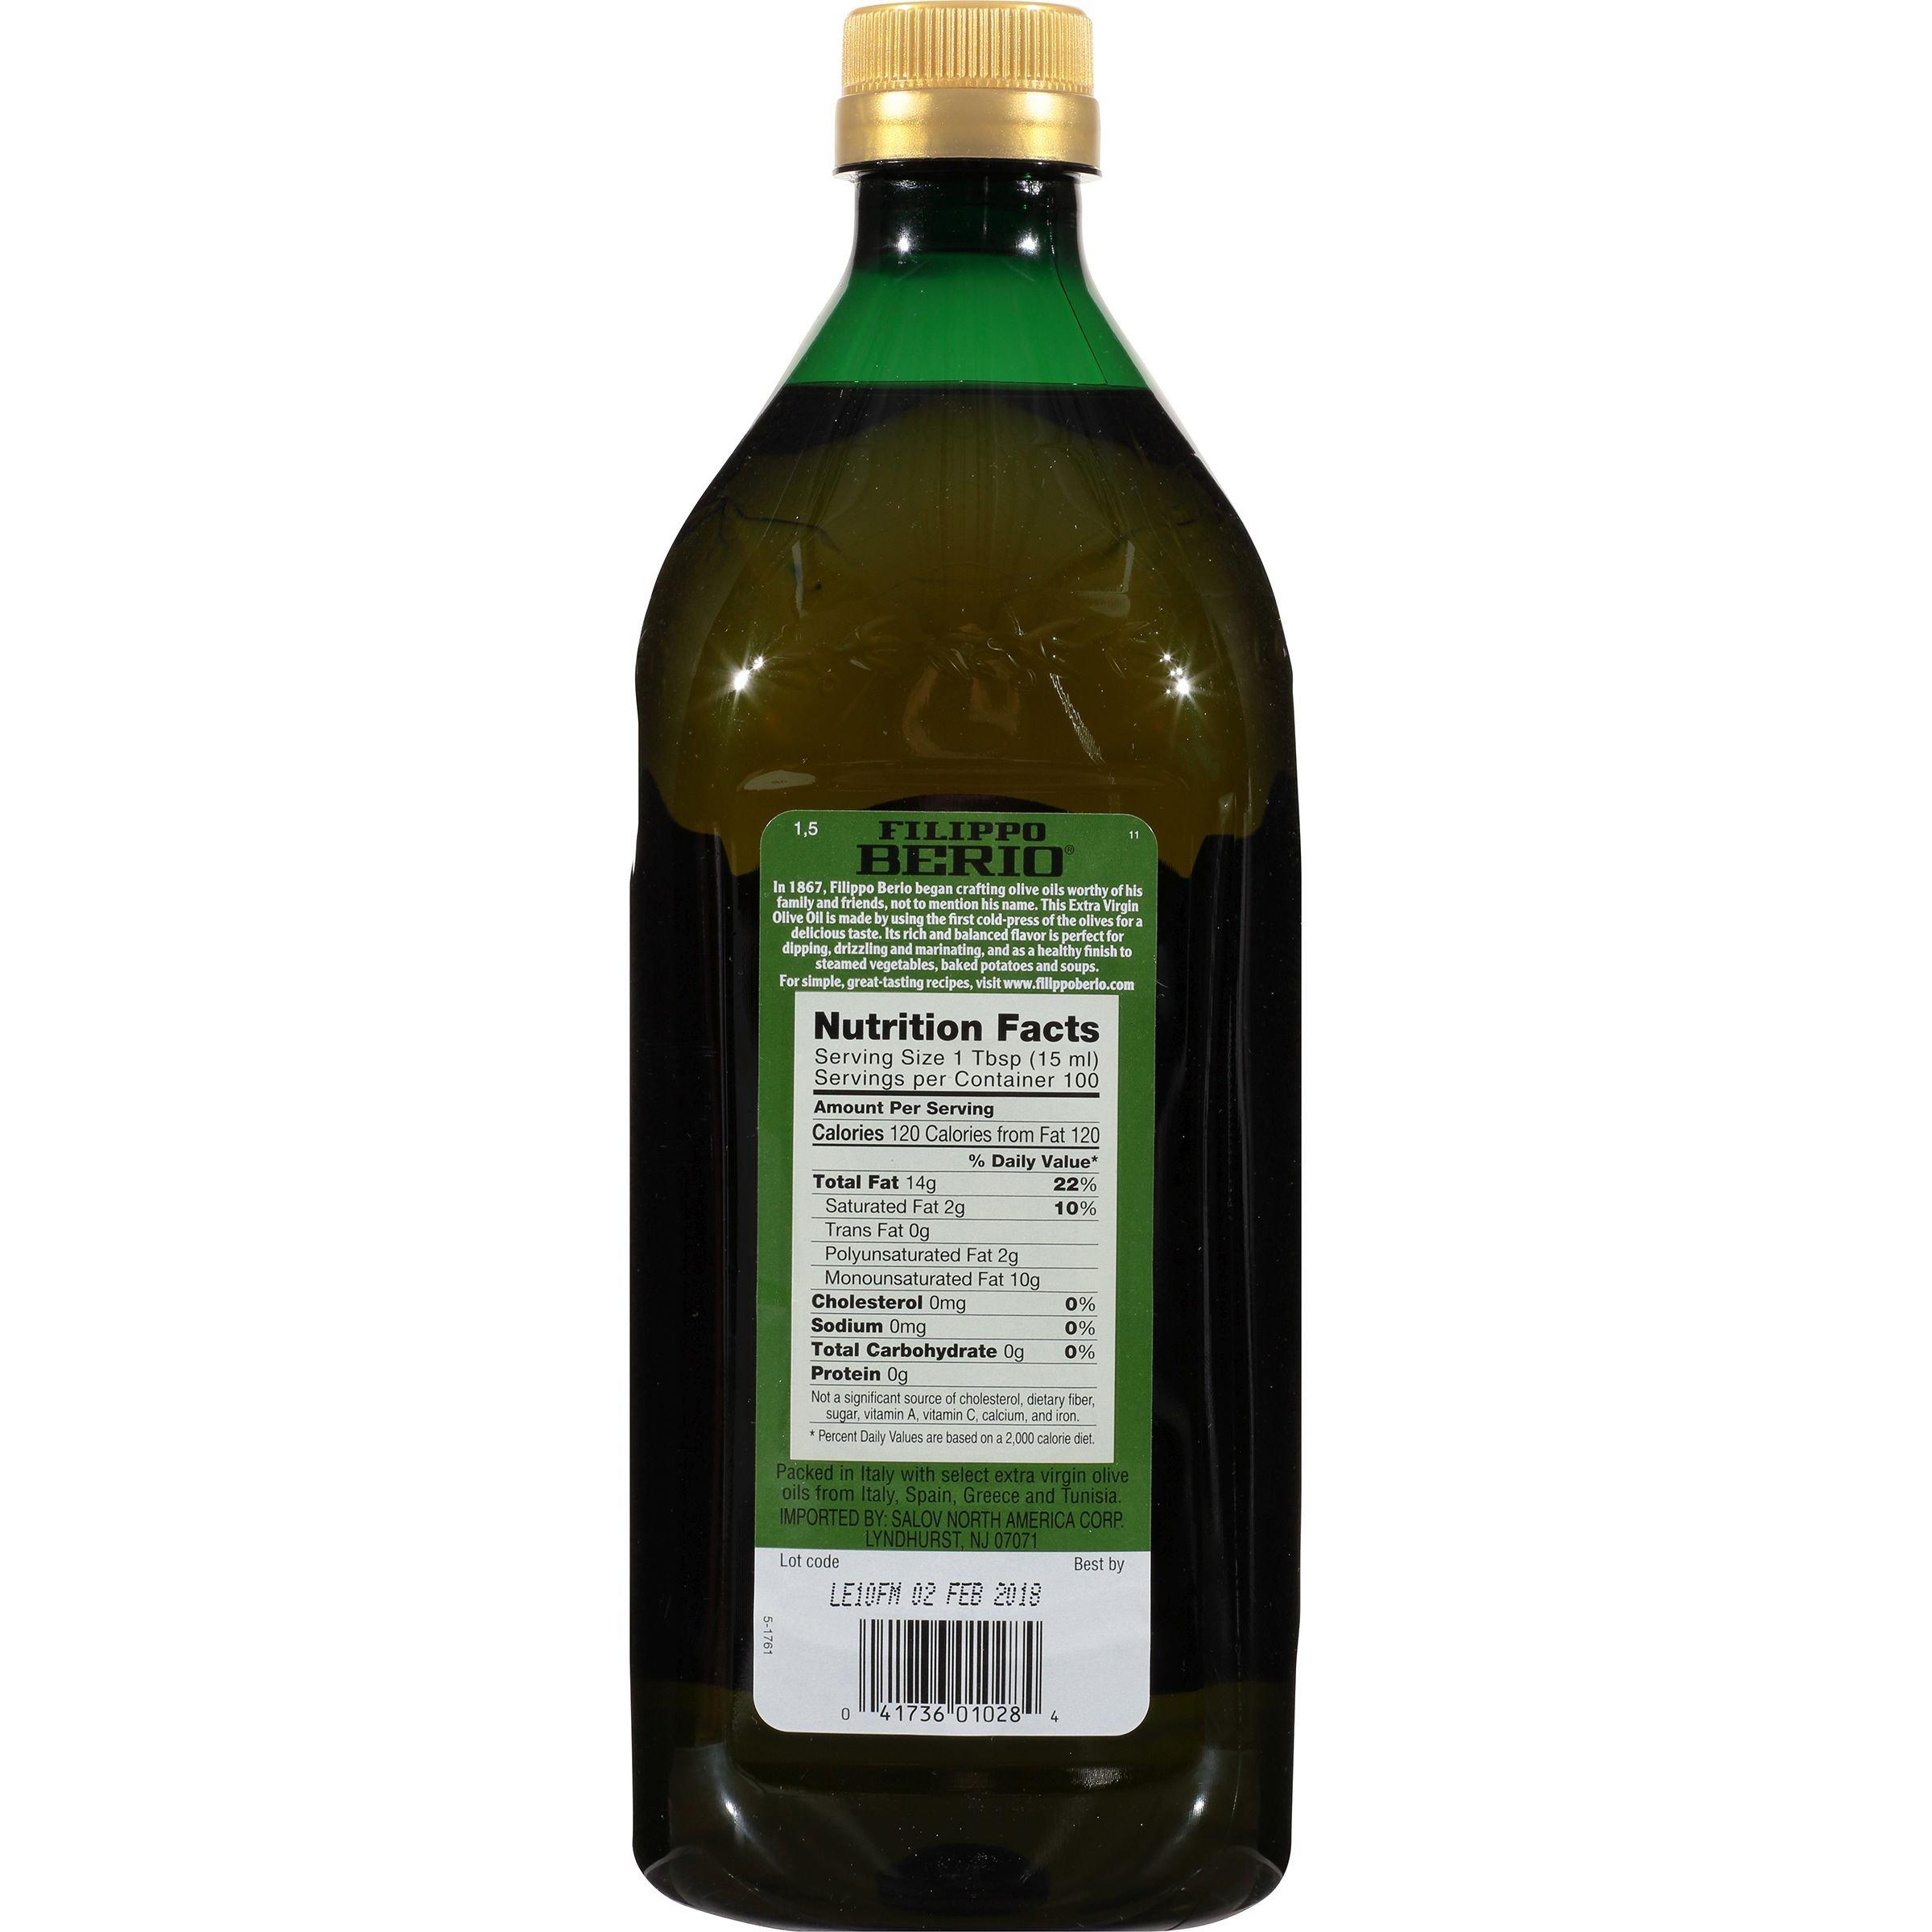 Filippo Berio Extra Virgin Olive Oil, 50.7 Ounce by Filippo Berio (Image #4)